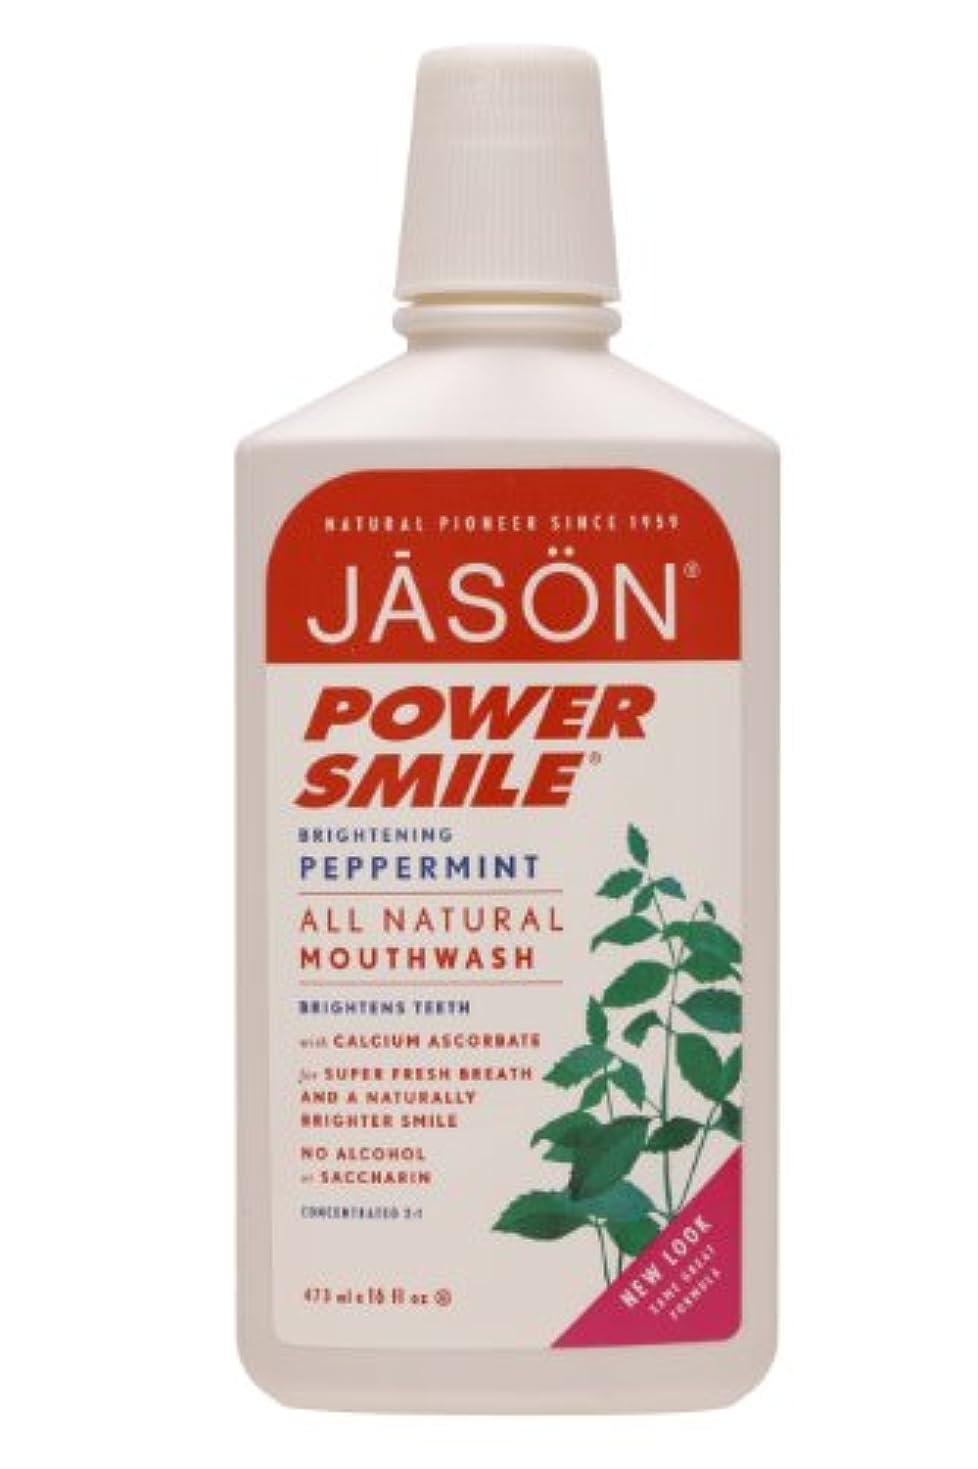 JASON ジェイソン マウスウォッシュPSMP マックスペパーミント(2倍濃縮タイプ)